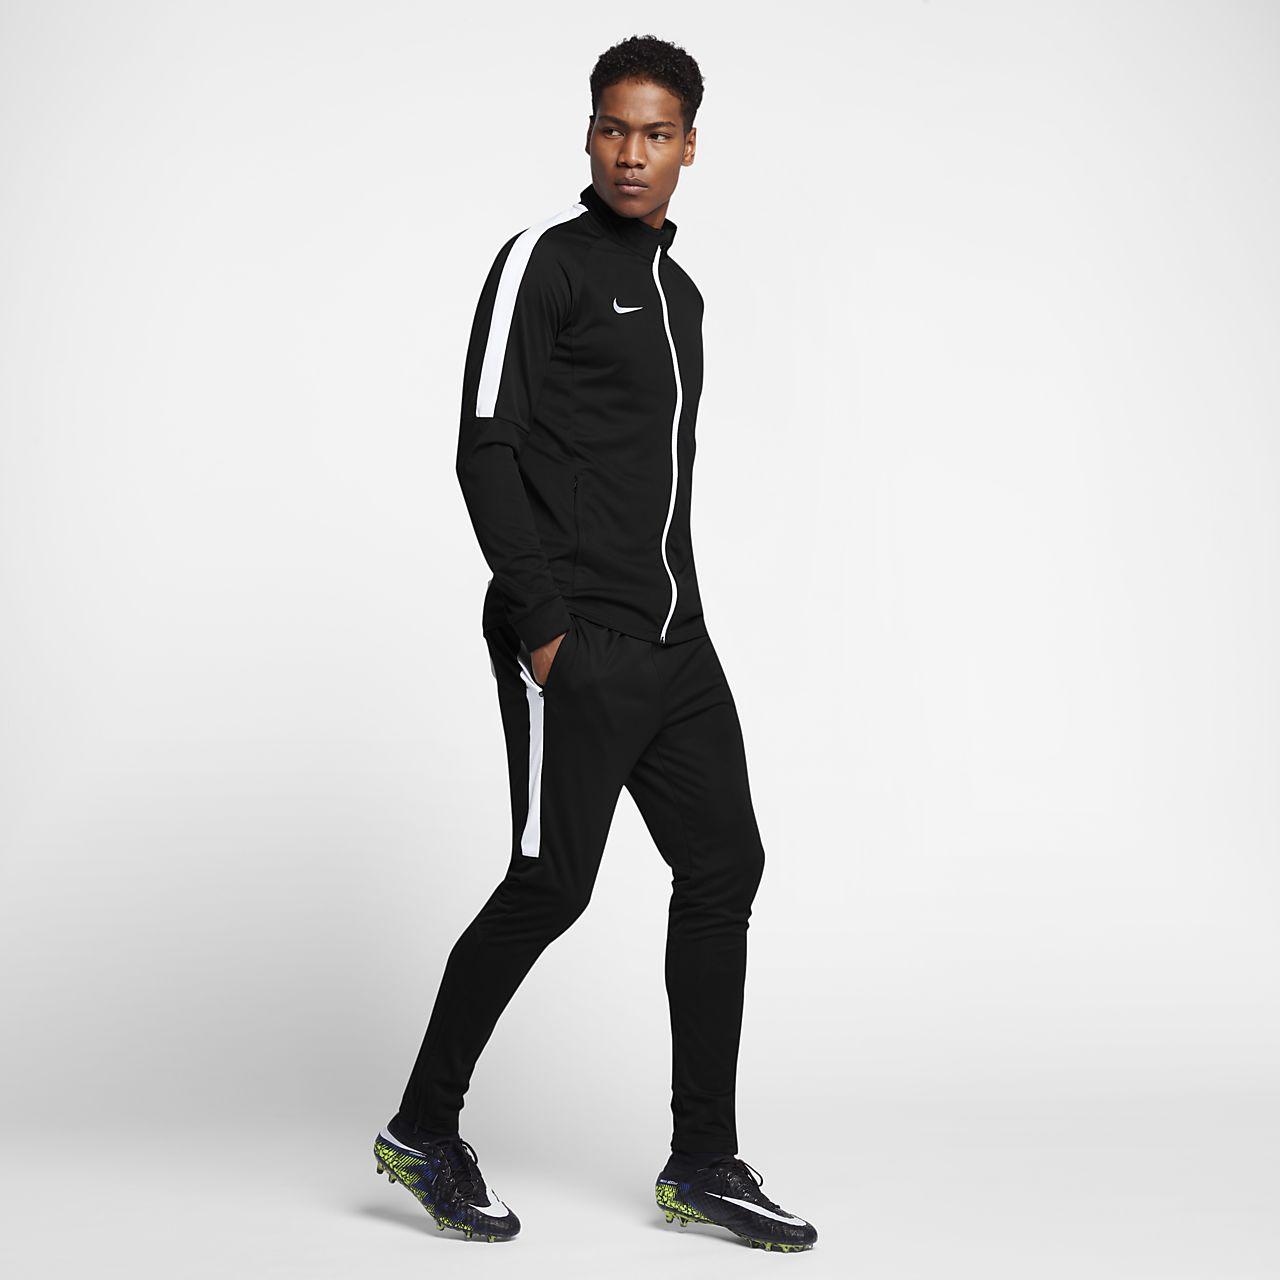 Pánská fotbalová souprava Nike Dri-FIT